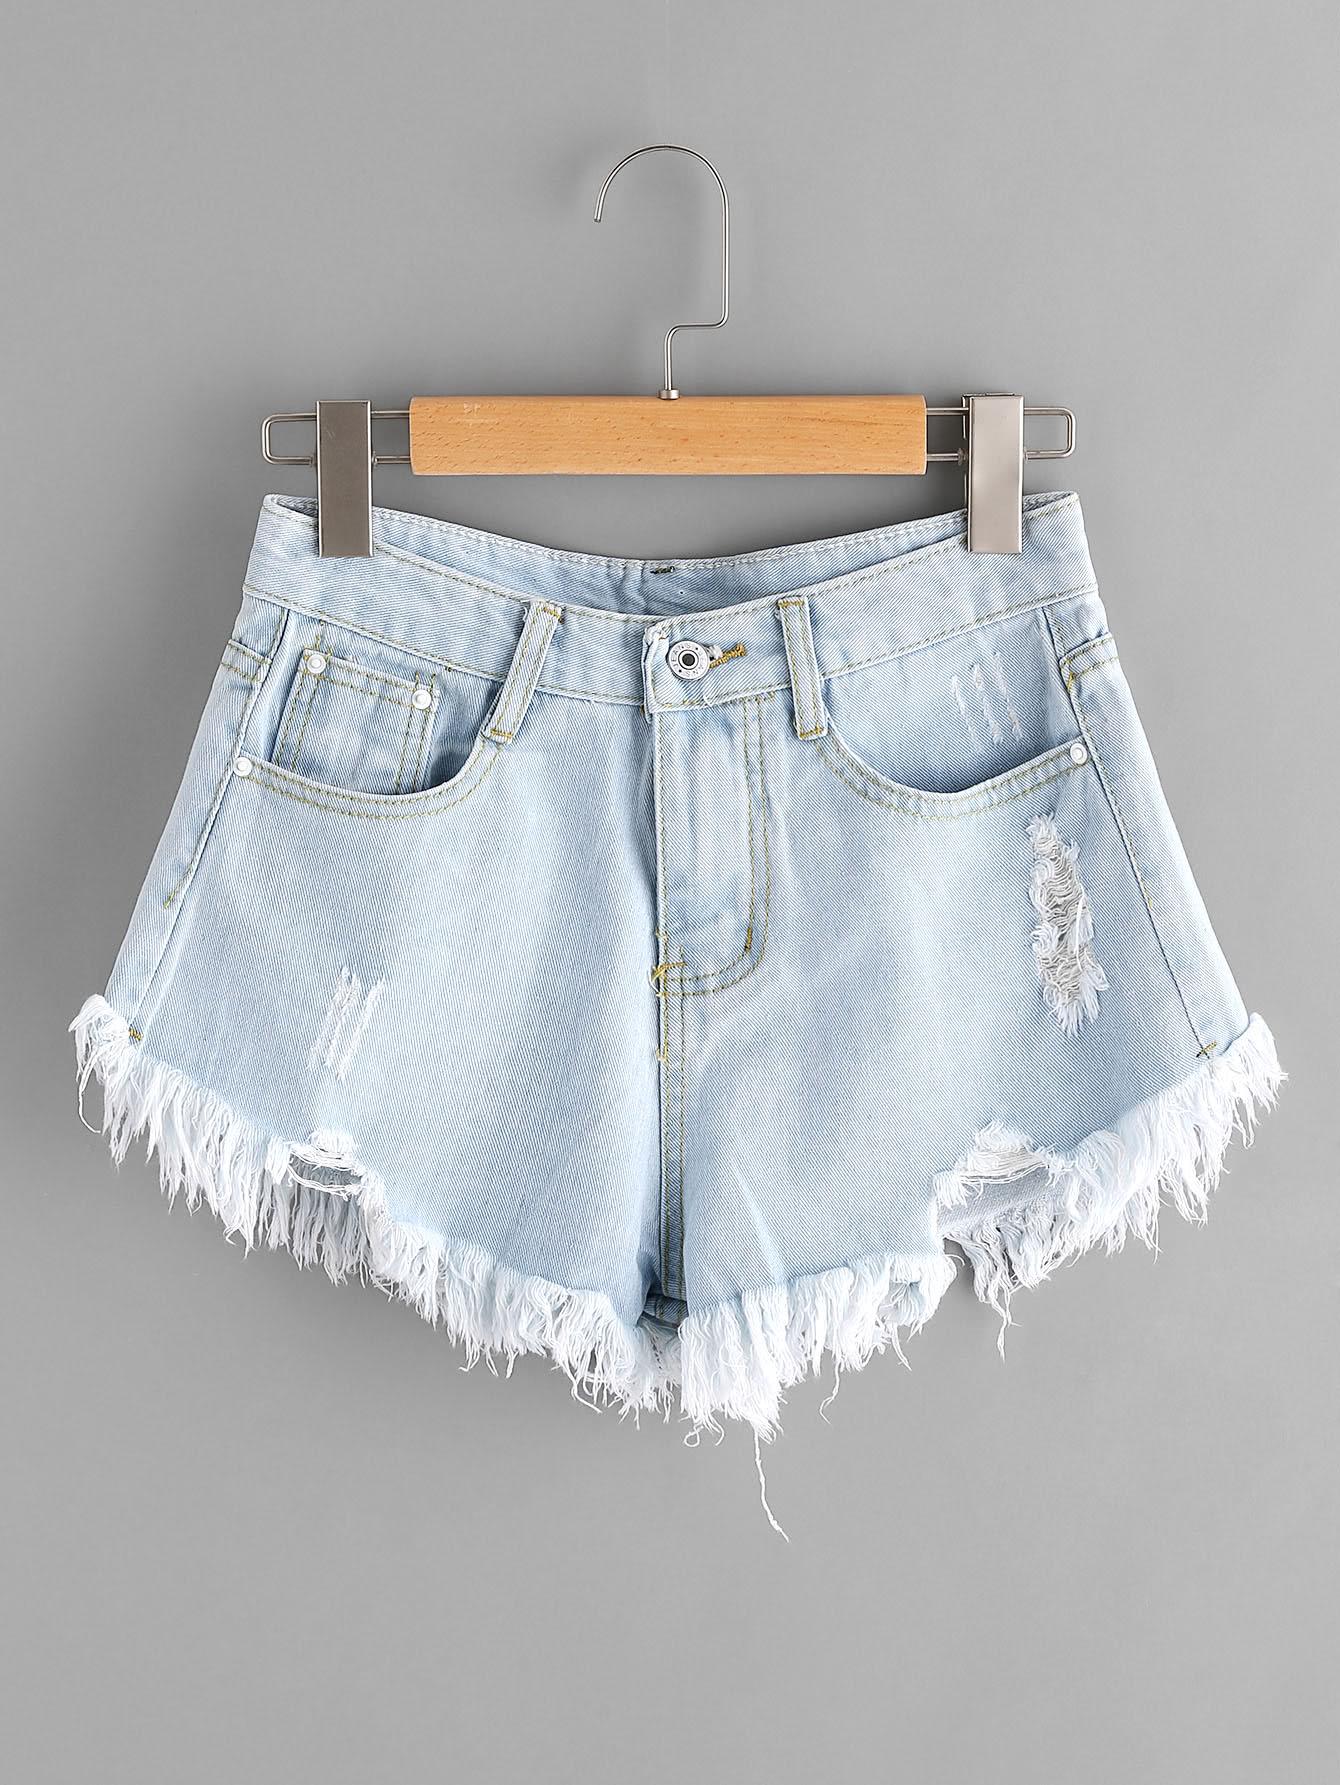 Купить Блестящие мокрые оборванные оборванные джинсовые шорты, null, SheIn